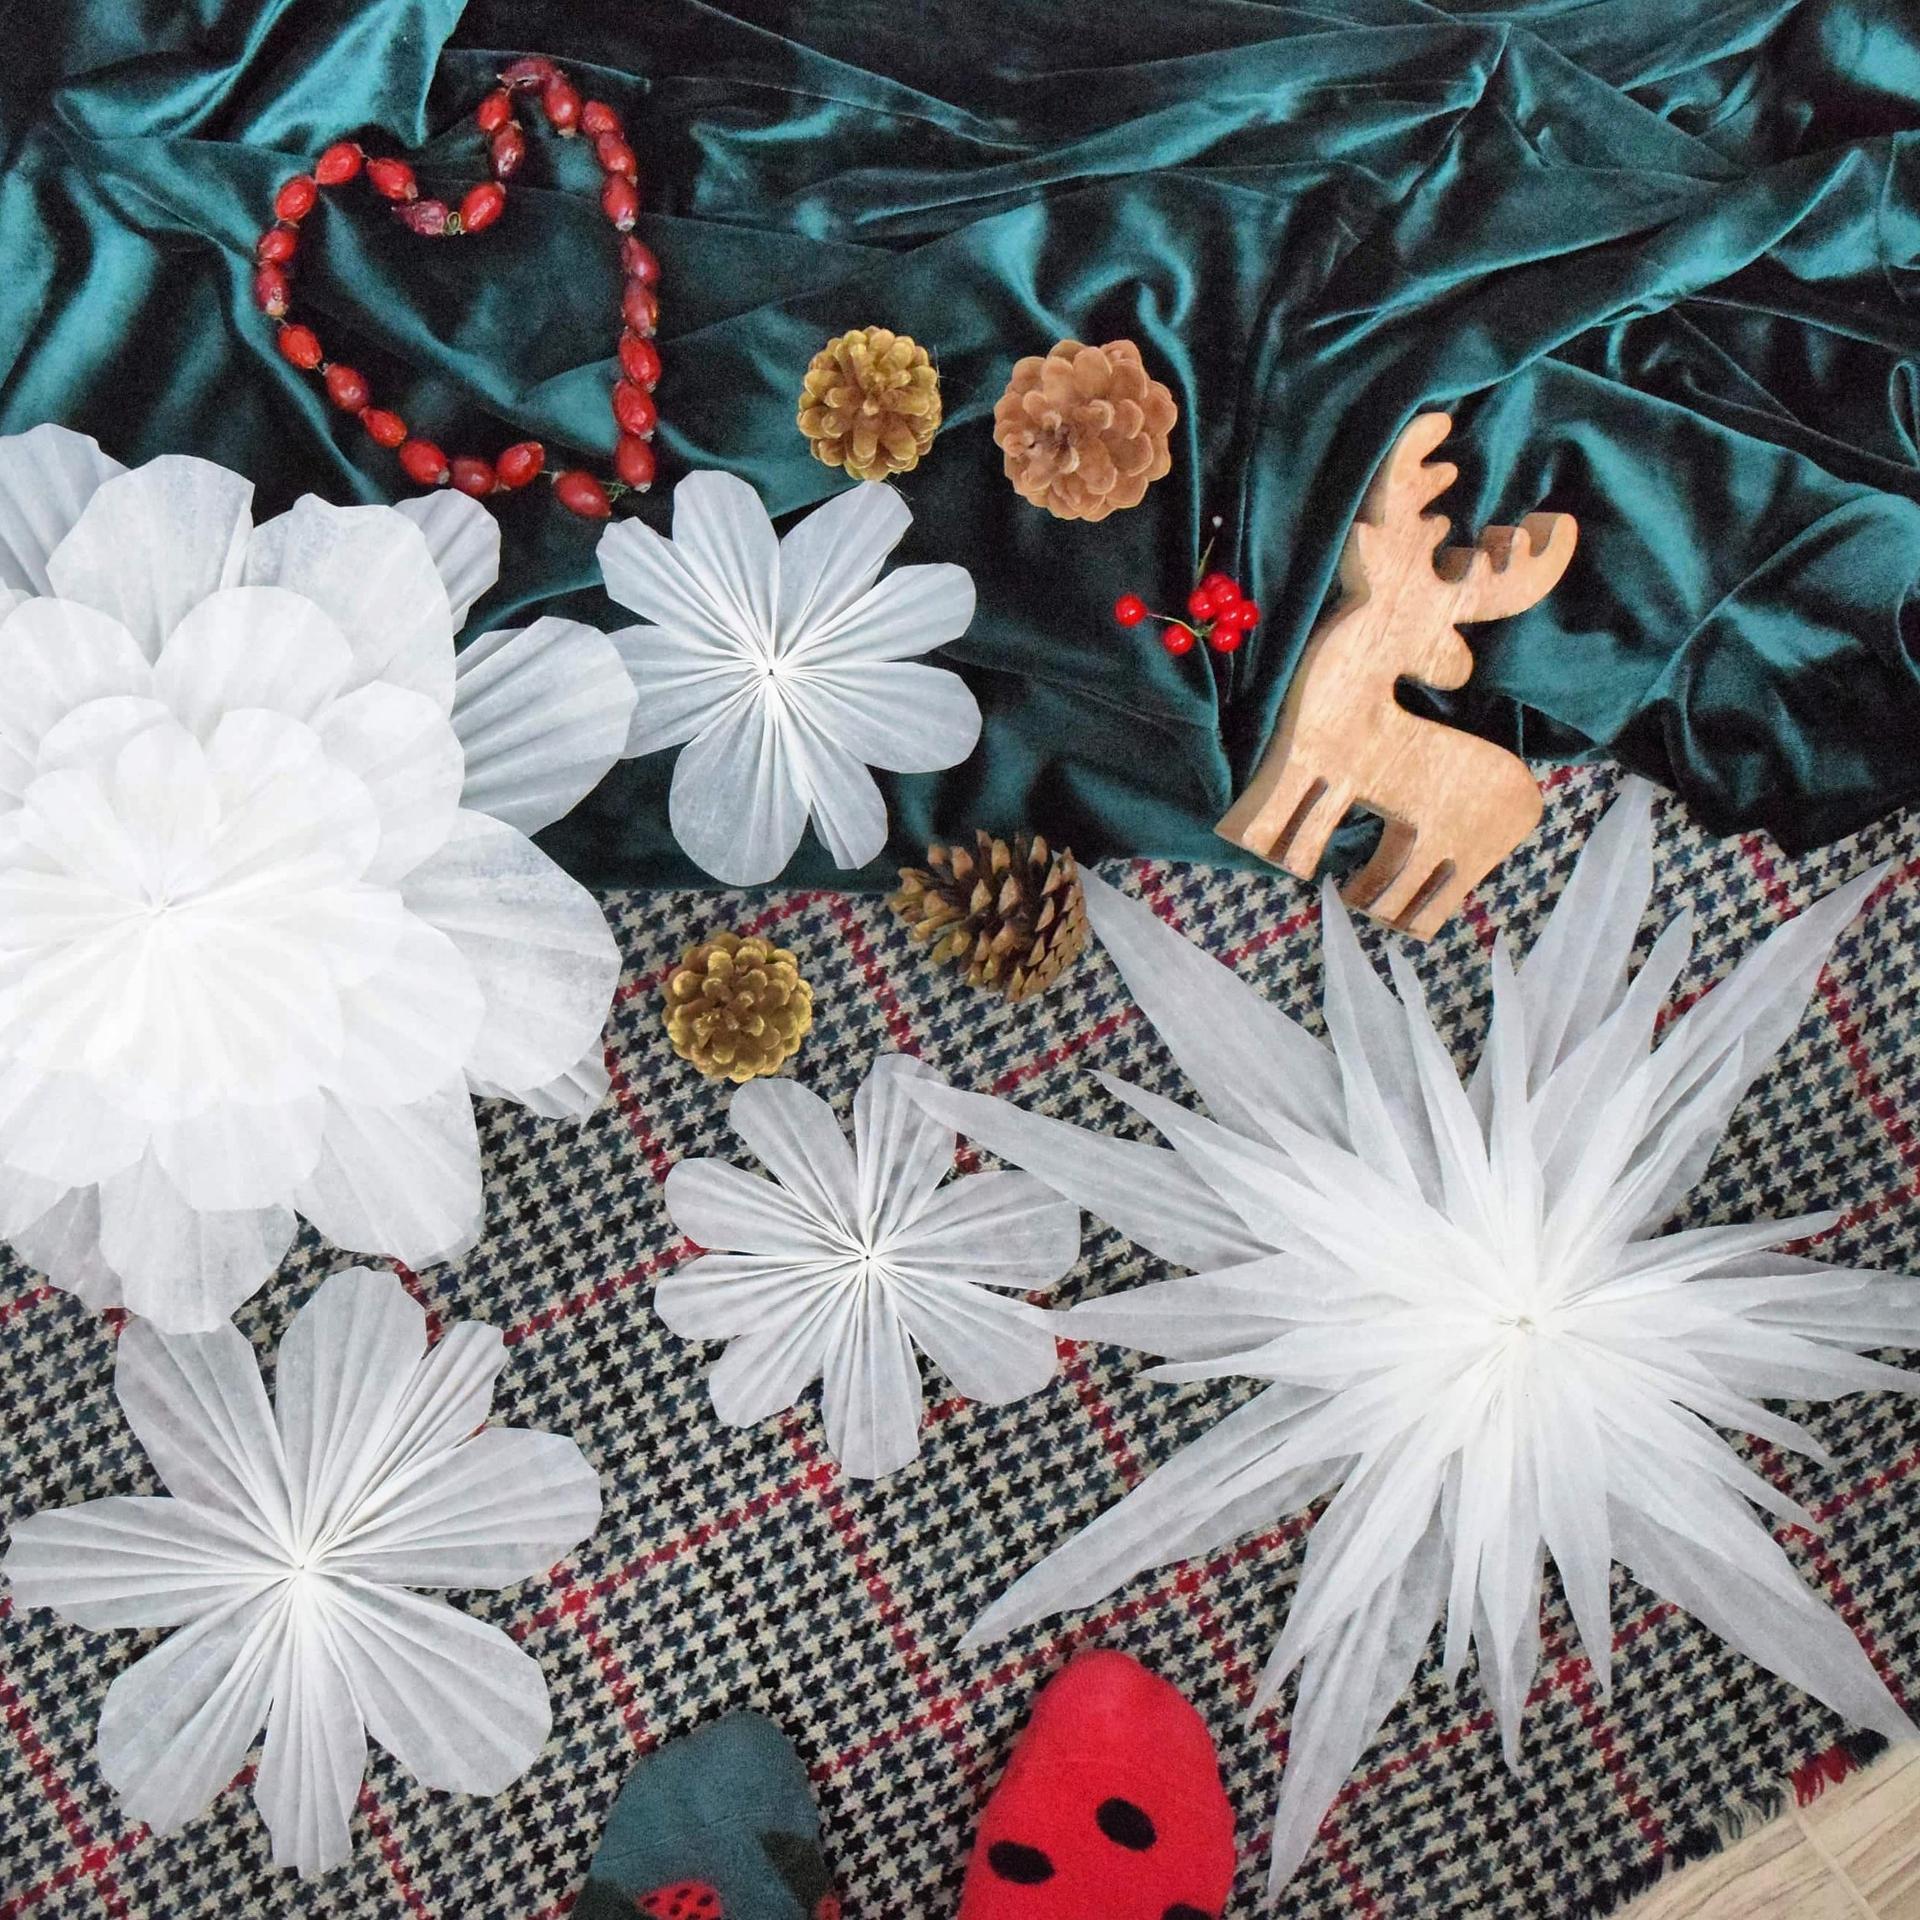 Vianočné dekorácie/Vianočná inšpirácia - Obrázok č. 37